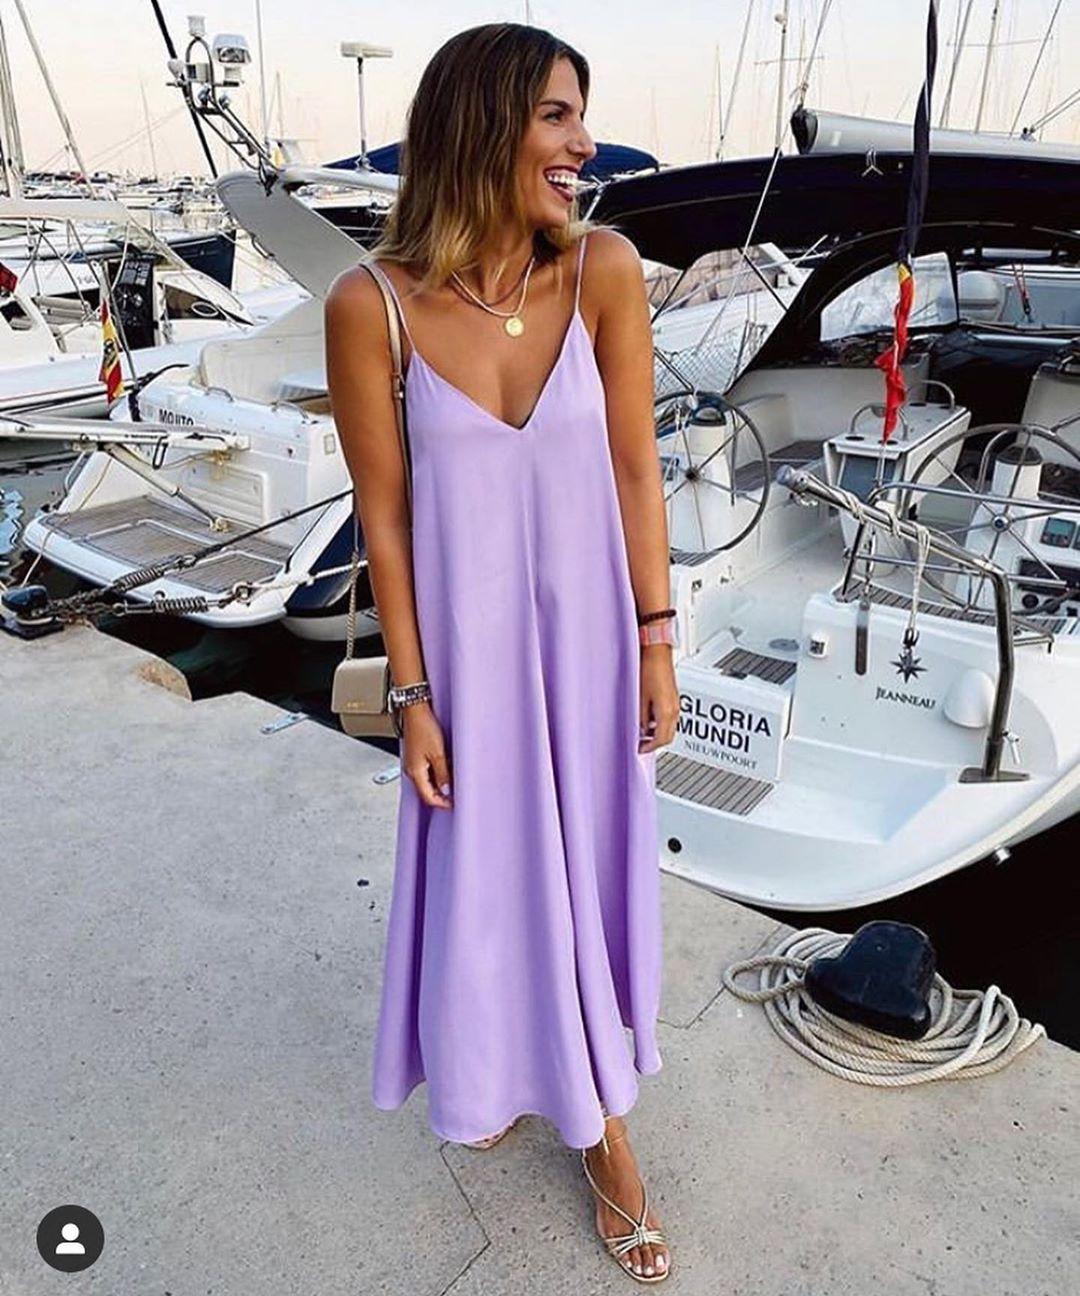 satiny dress with volume de Zara sur look_by_zara_hm